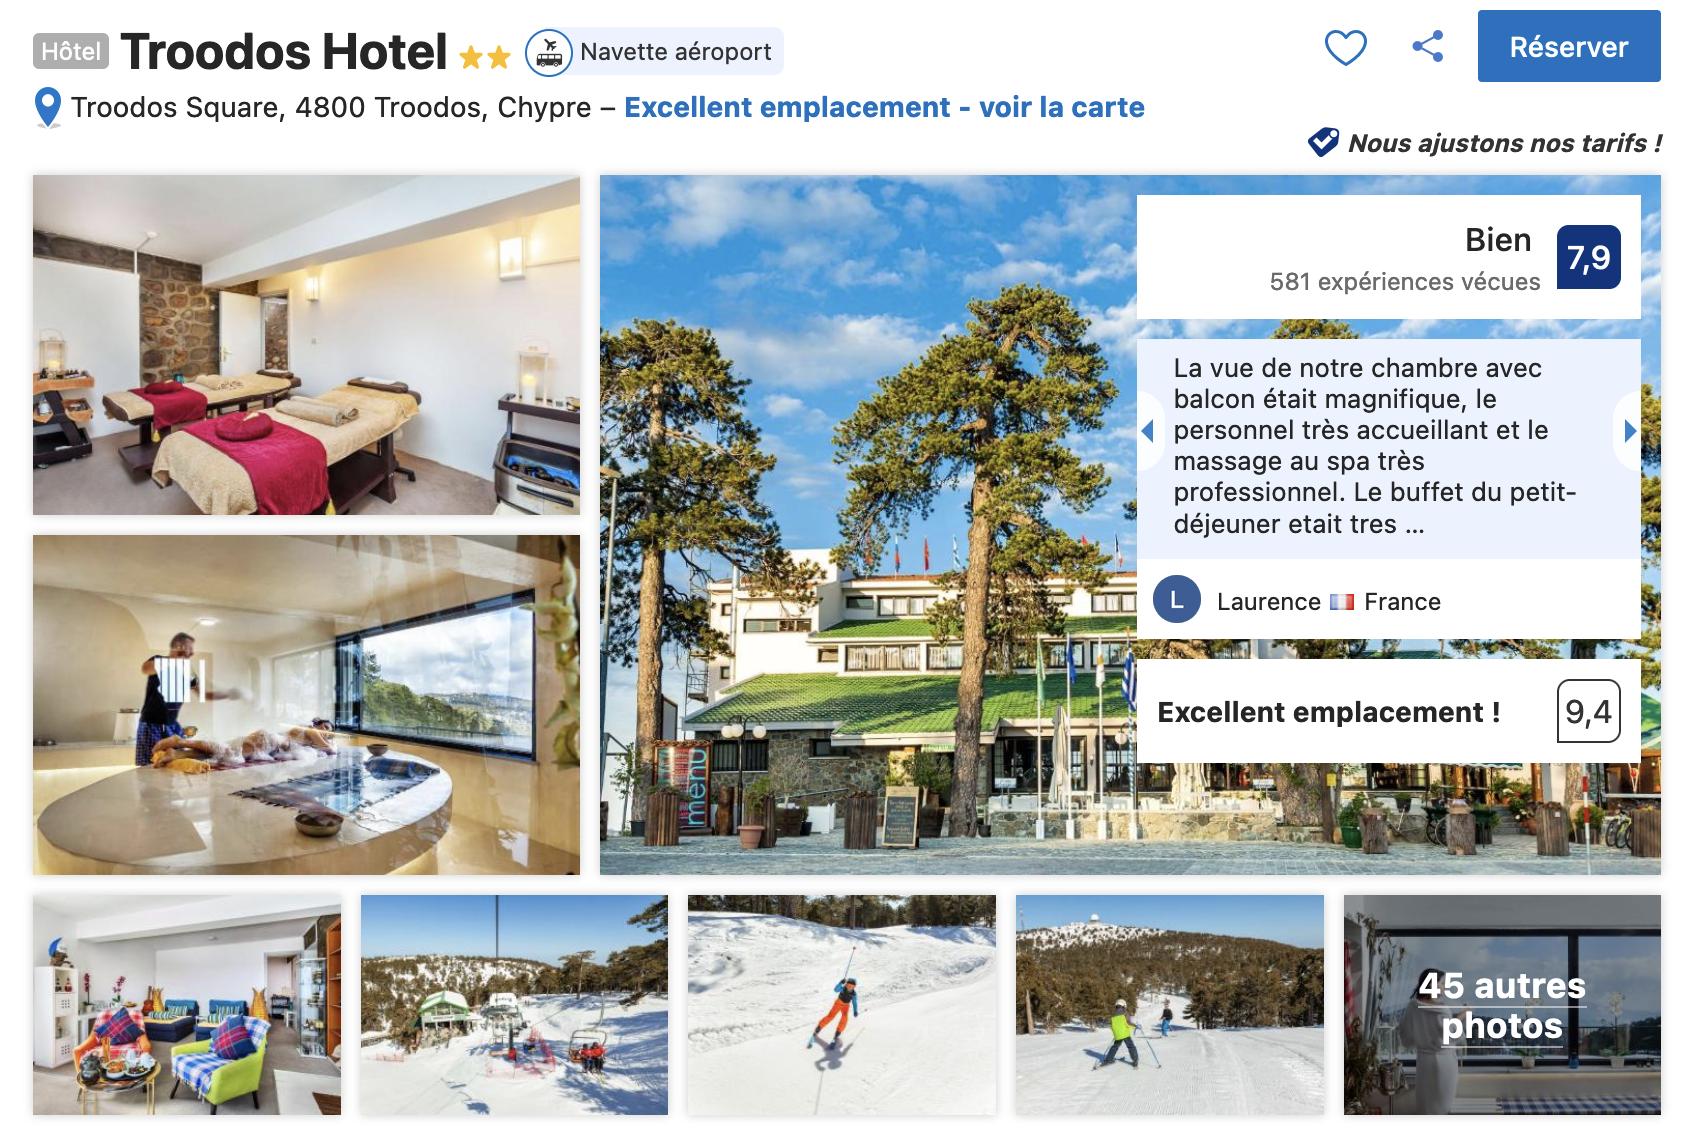 chypre-hotel-de-montagne-pratique-pour-randonner-au-mont-olympe